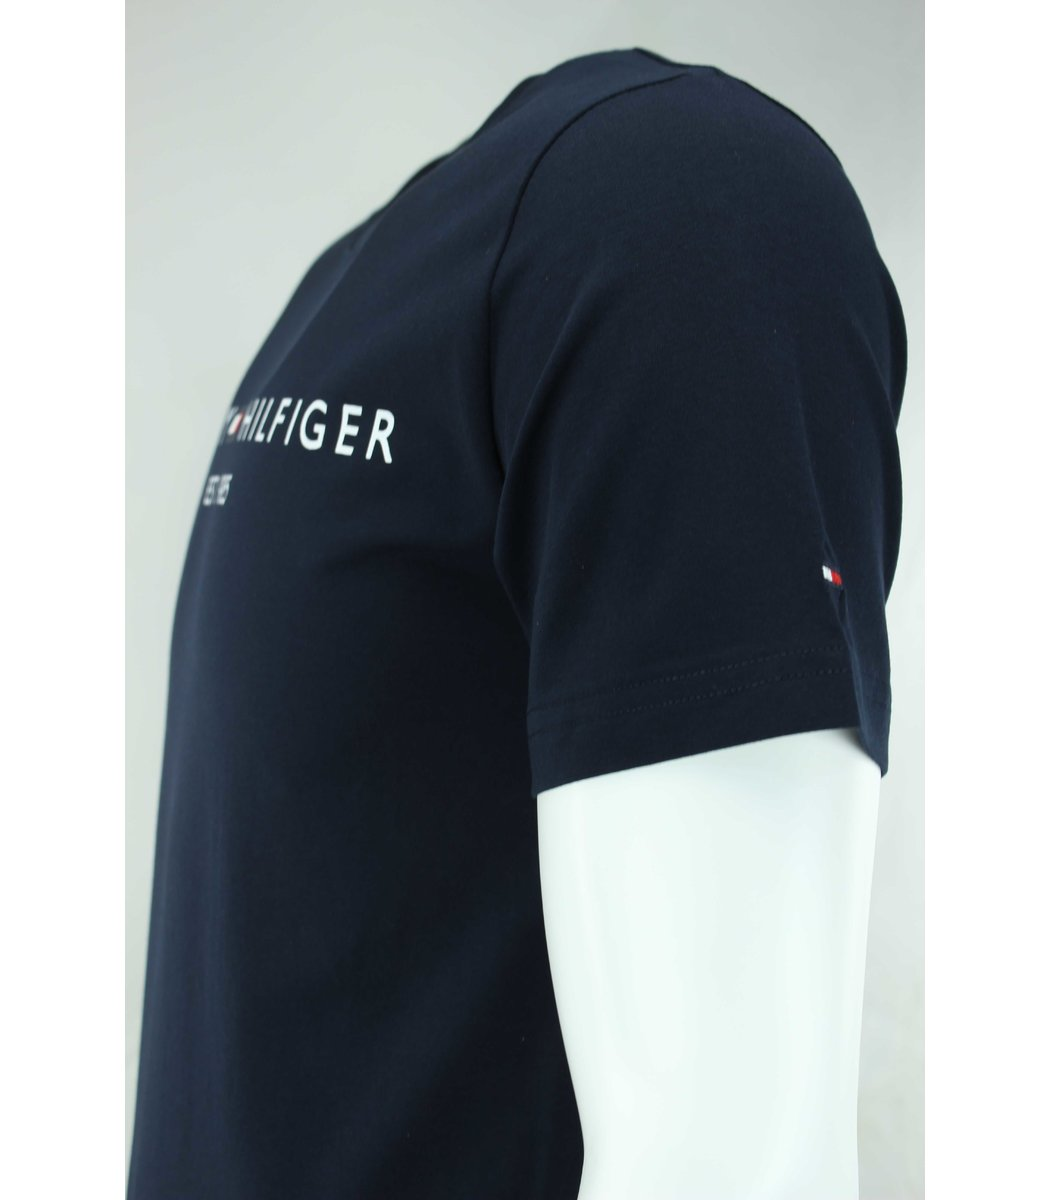 Тёмно-синяя футболка Tommy Hilfiger с принтом FT1